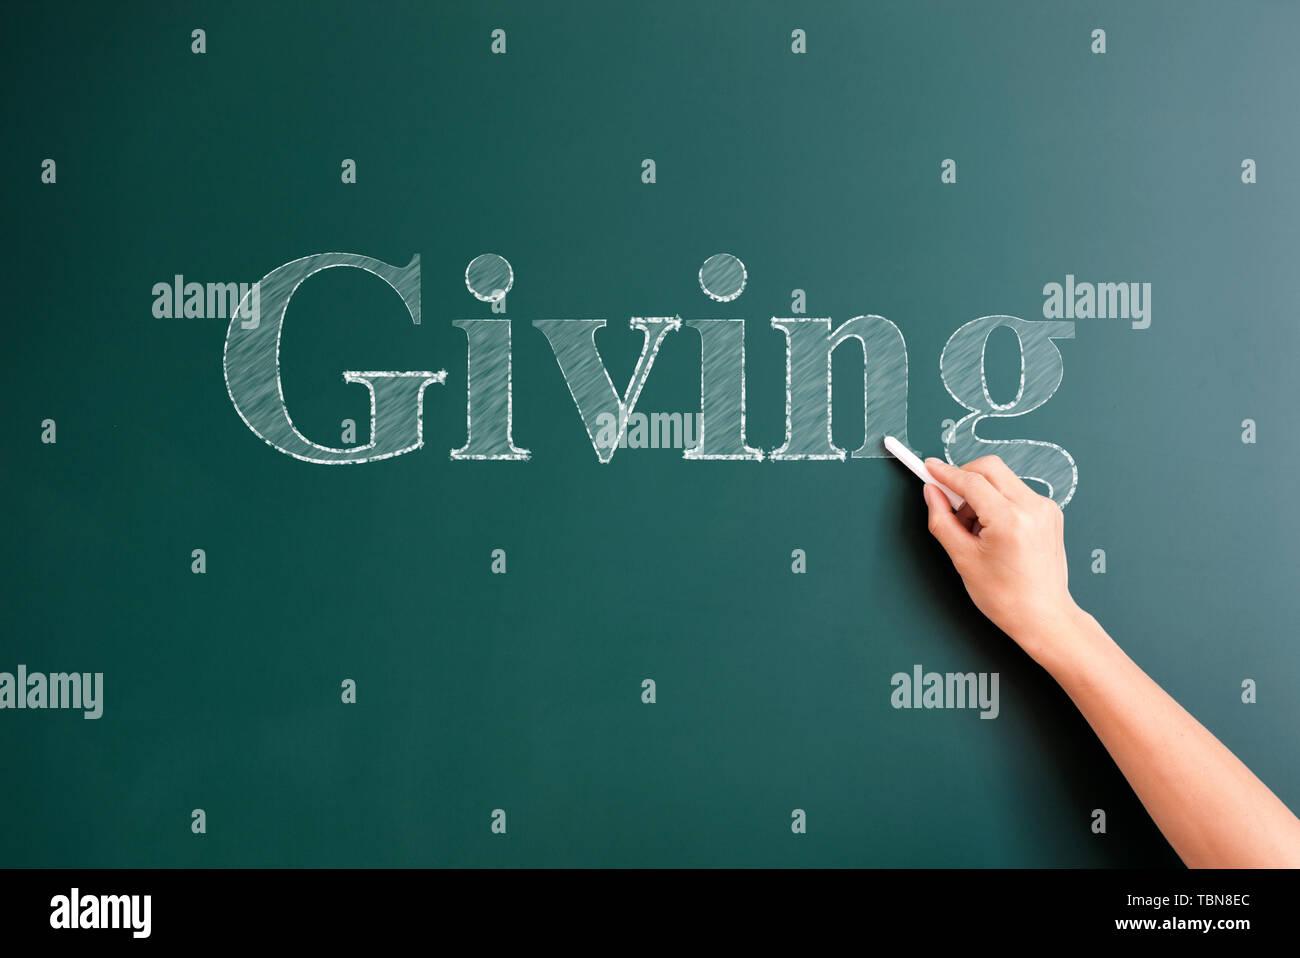 giving written on blackboard - Stock Image